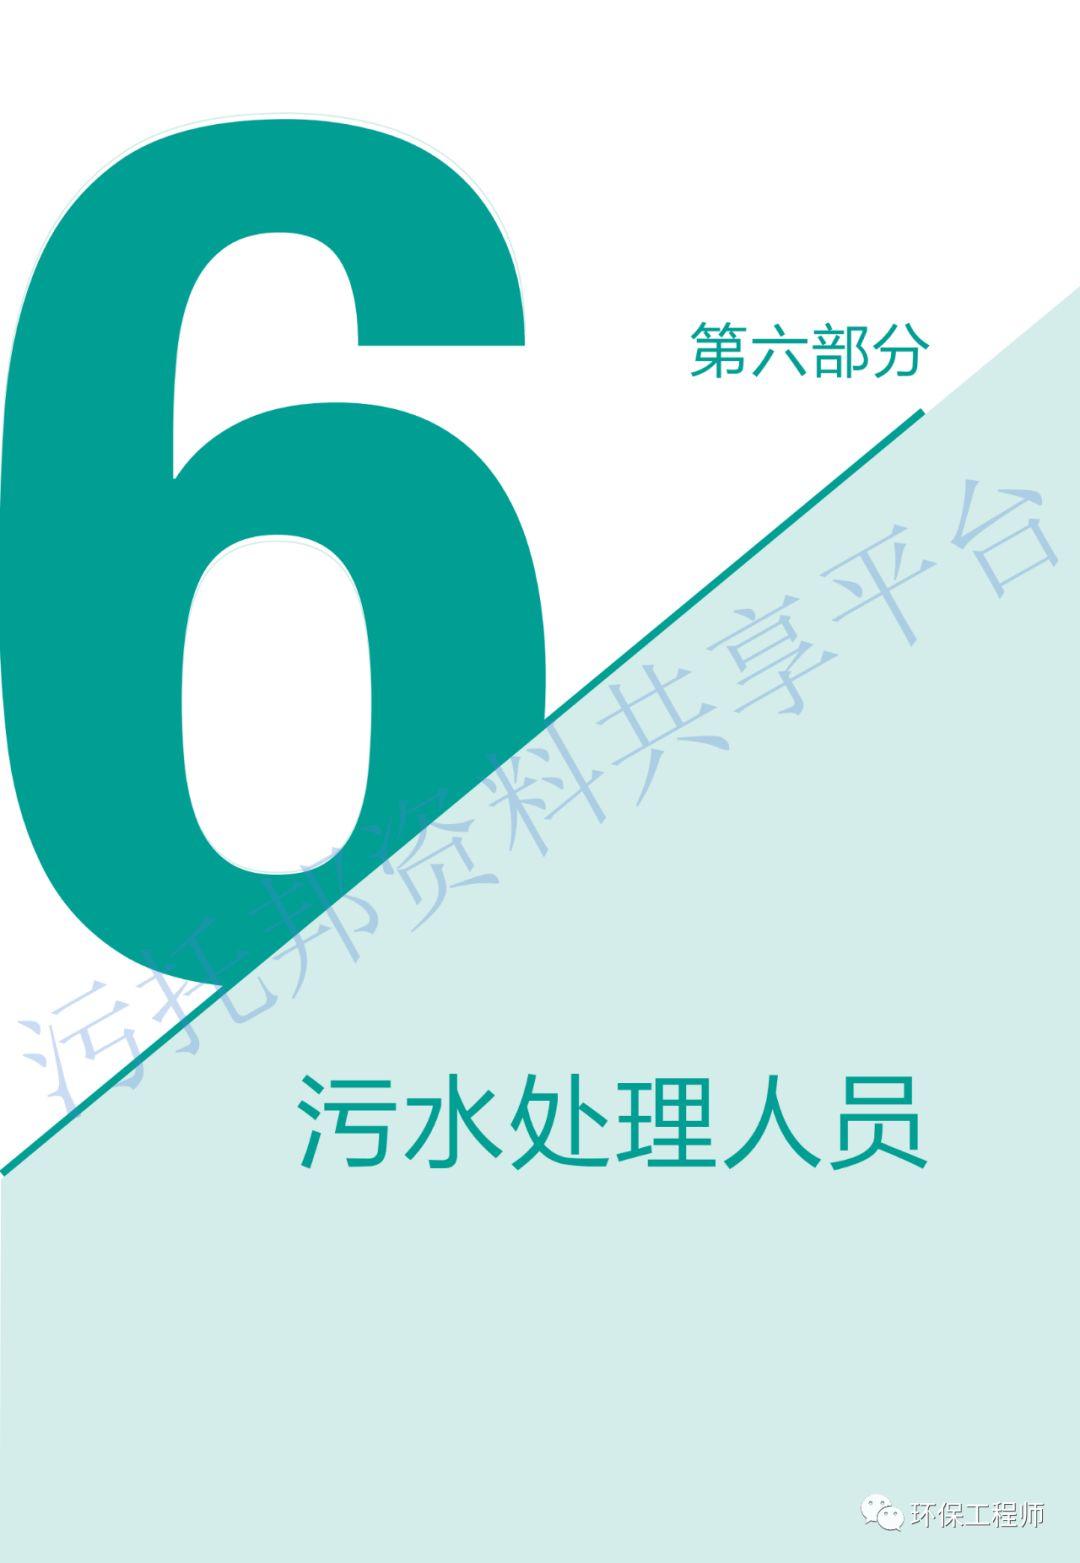 《环保从业人员新型冠状病毒疫情防护手册》_21